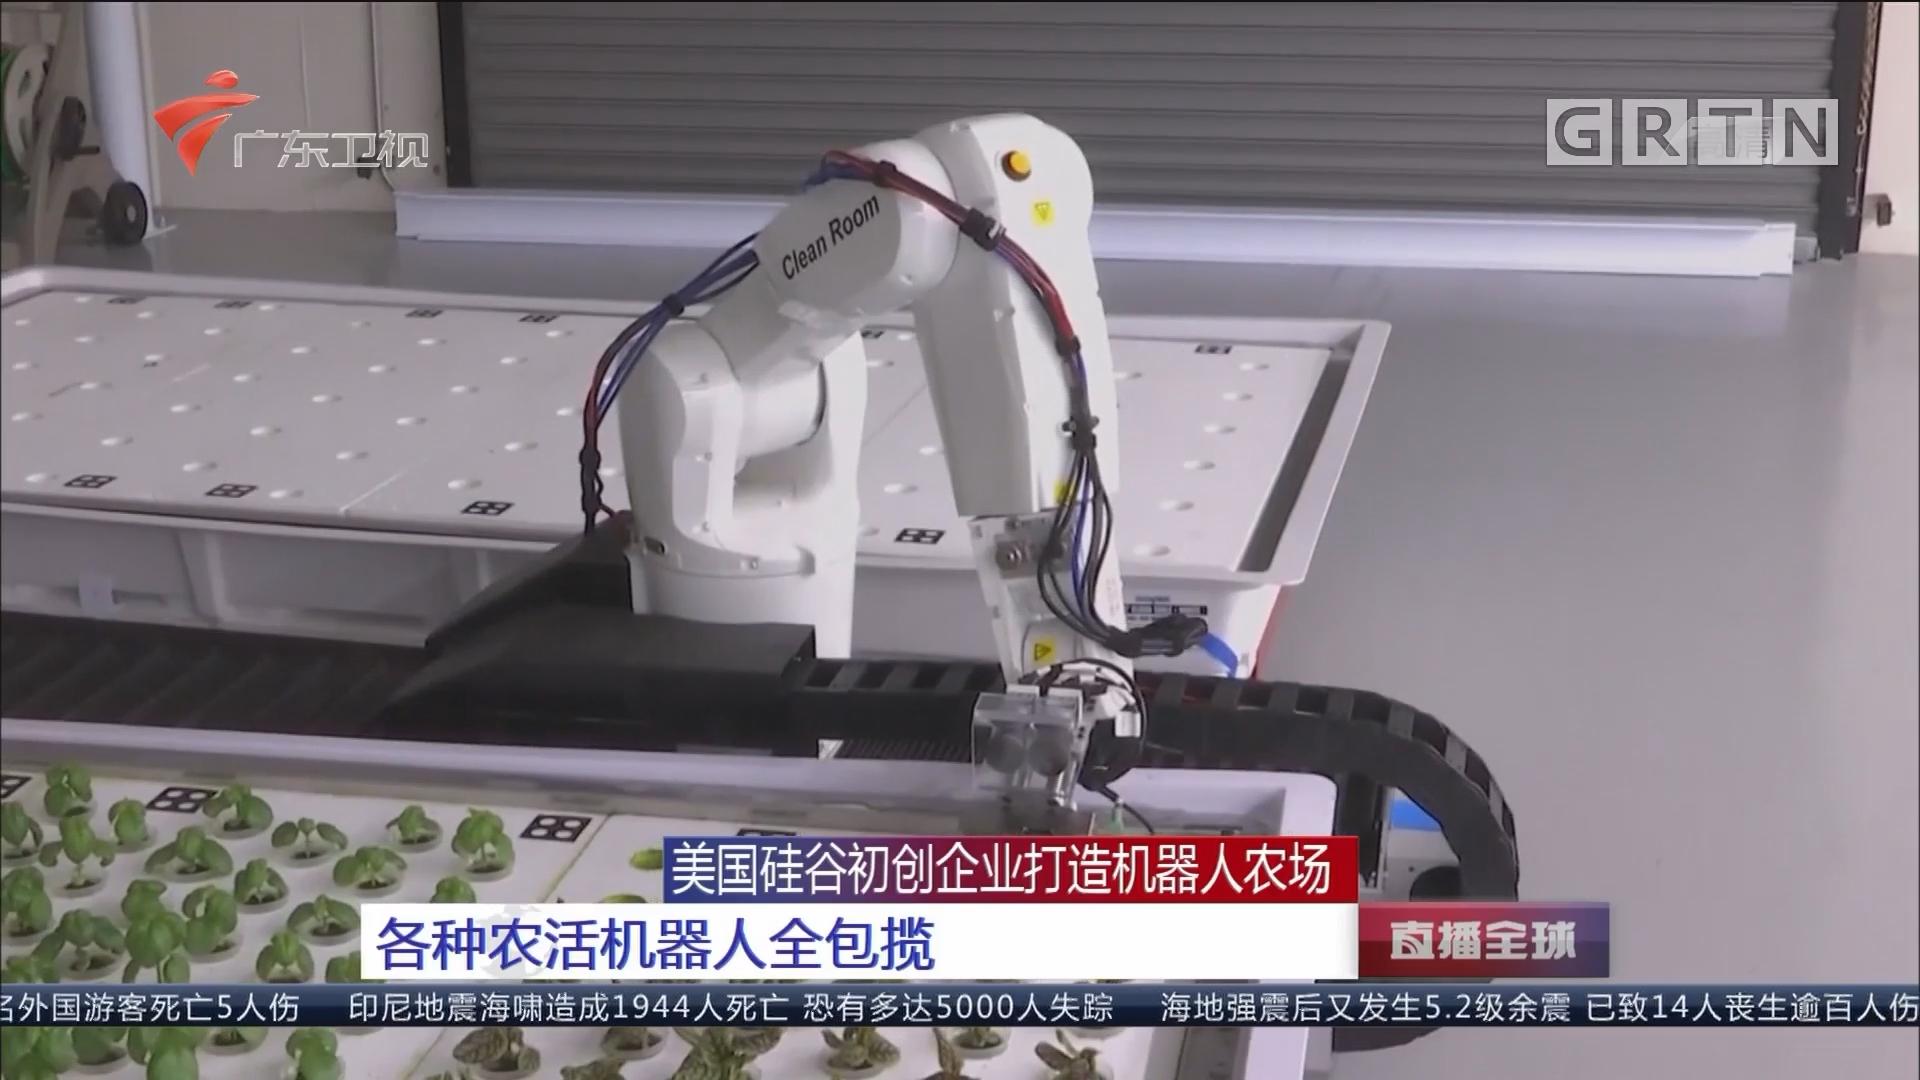 美国硅谷初创企业打造机器人农场:各种农活机器人全包揽